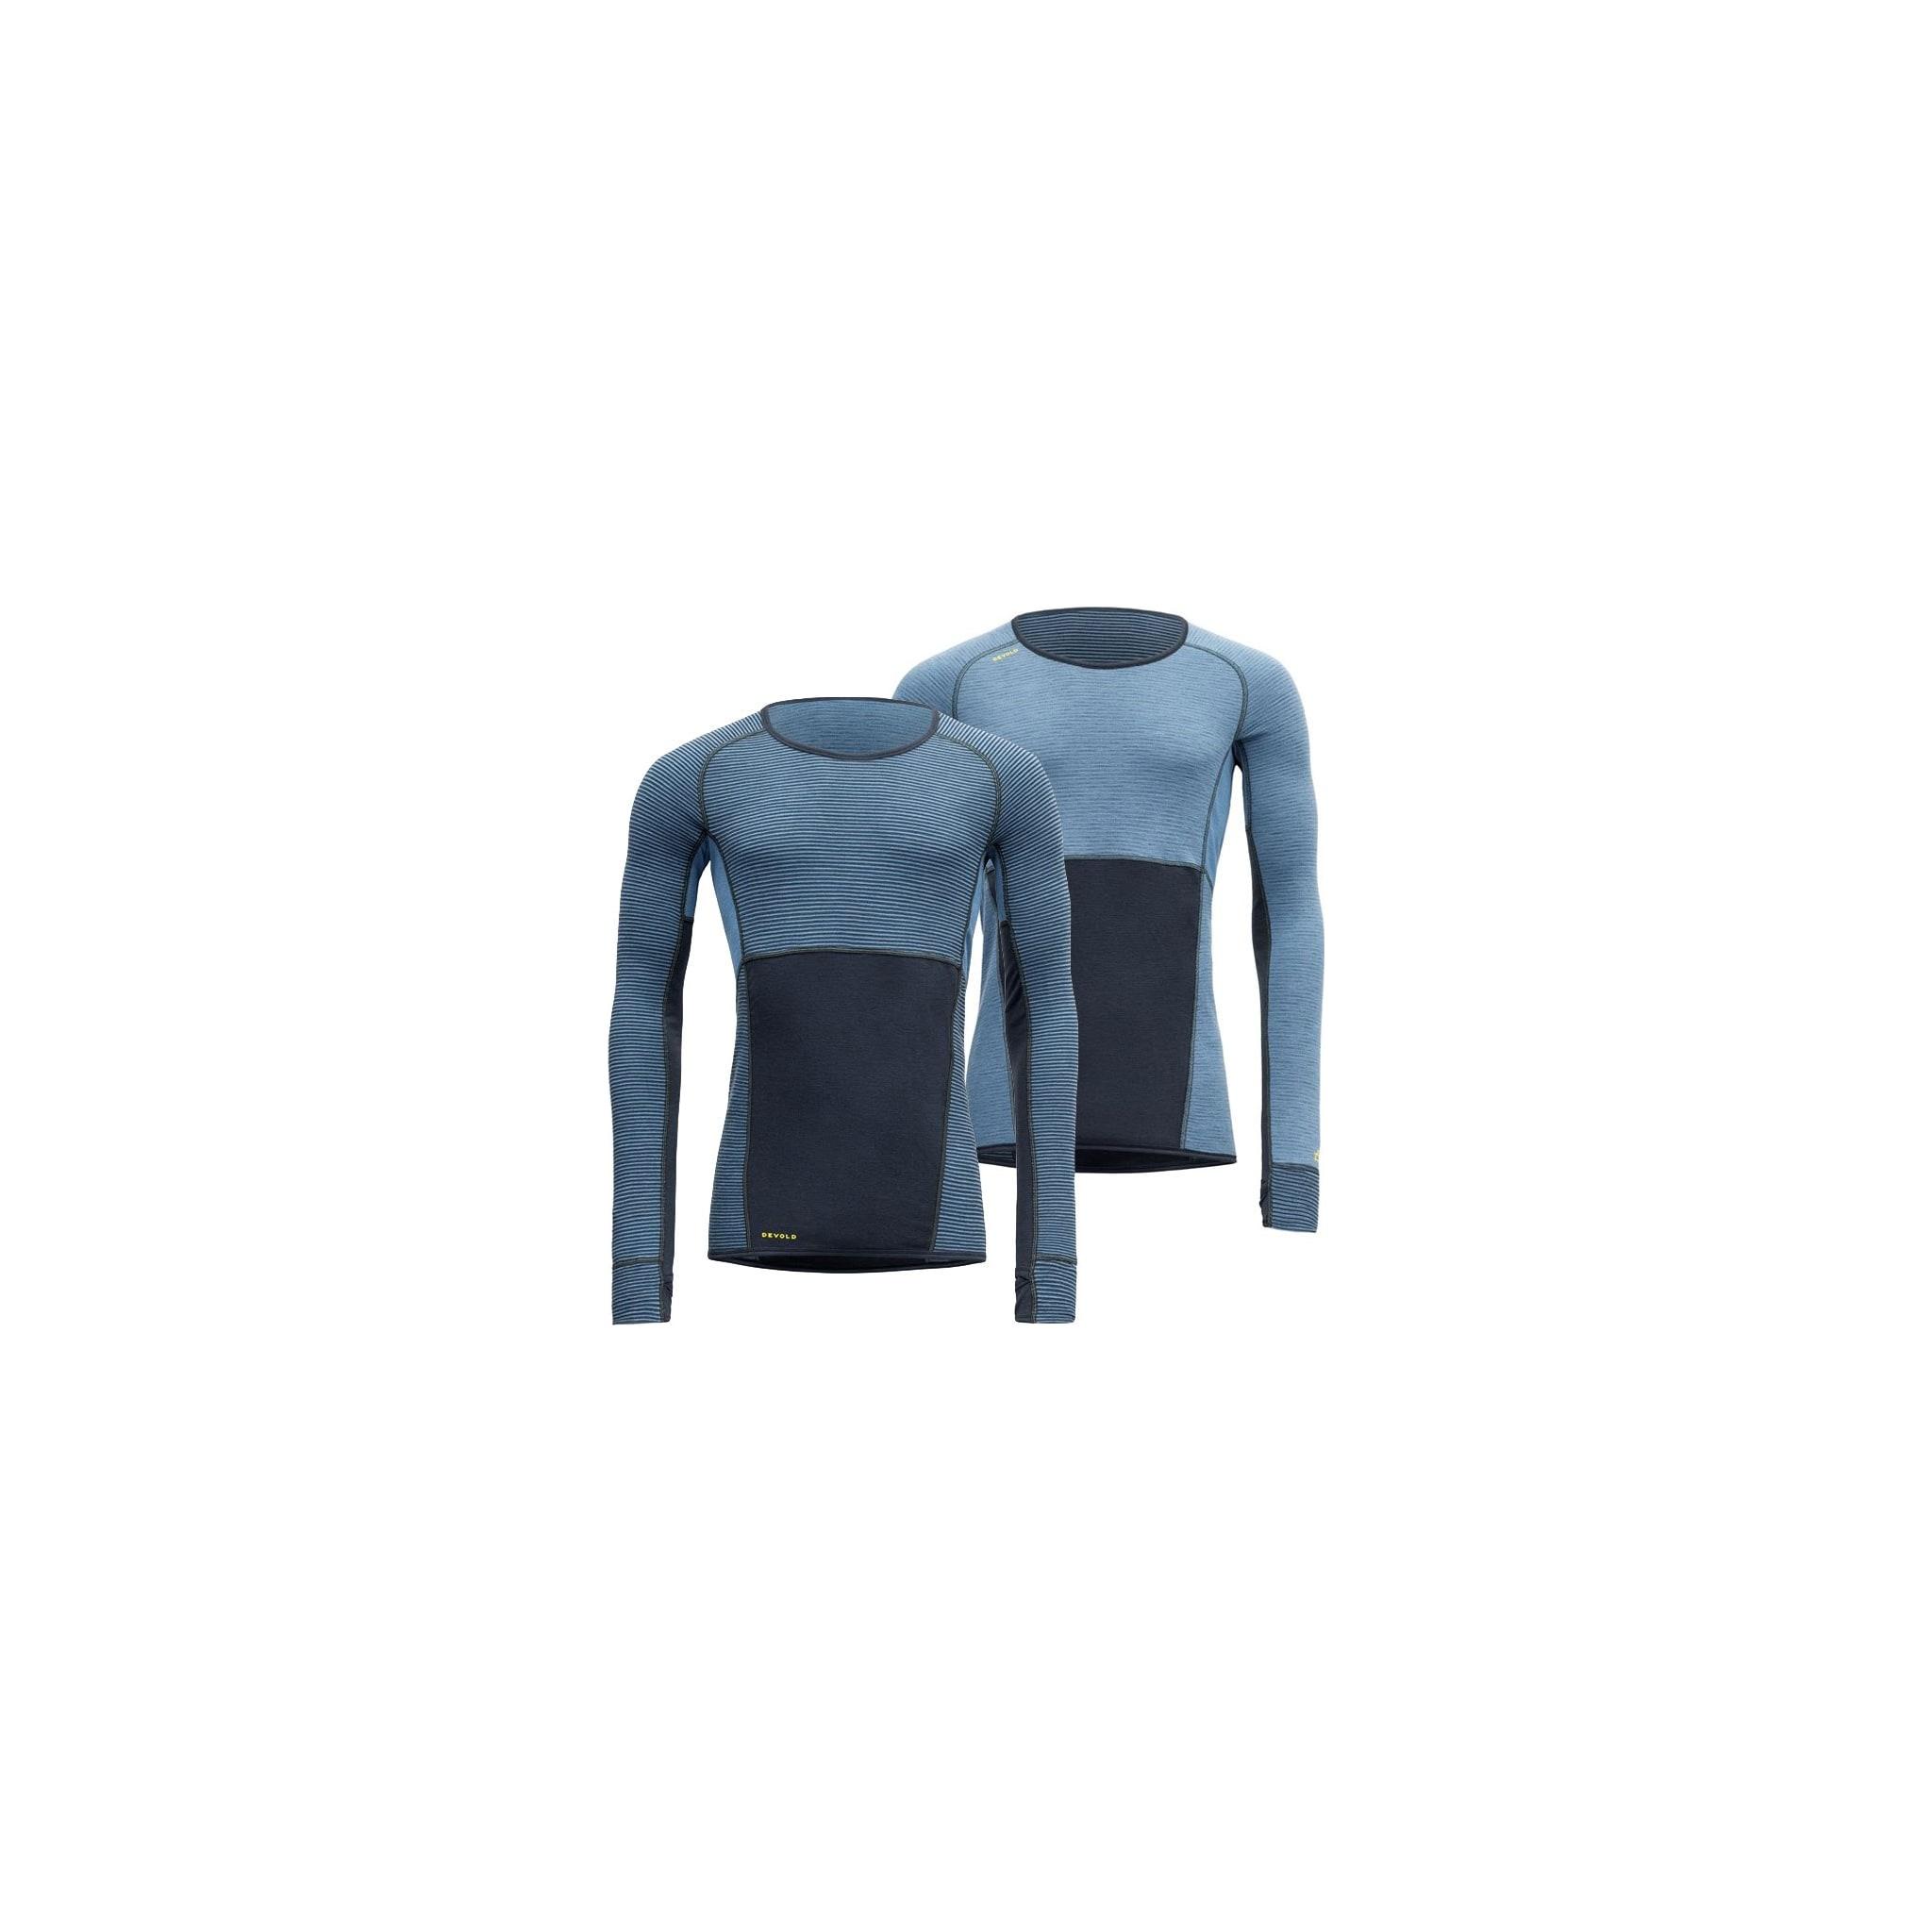 Undertøyet har to sider som er tilpasset til forskjellige intensitetsnivåer